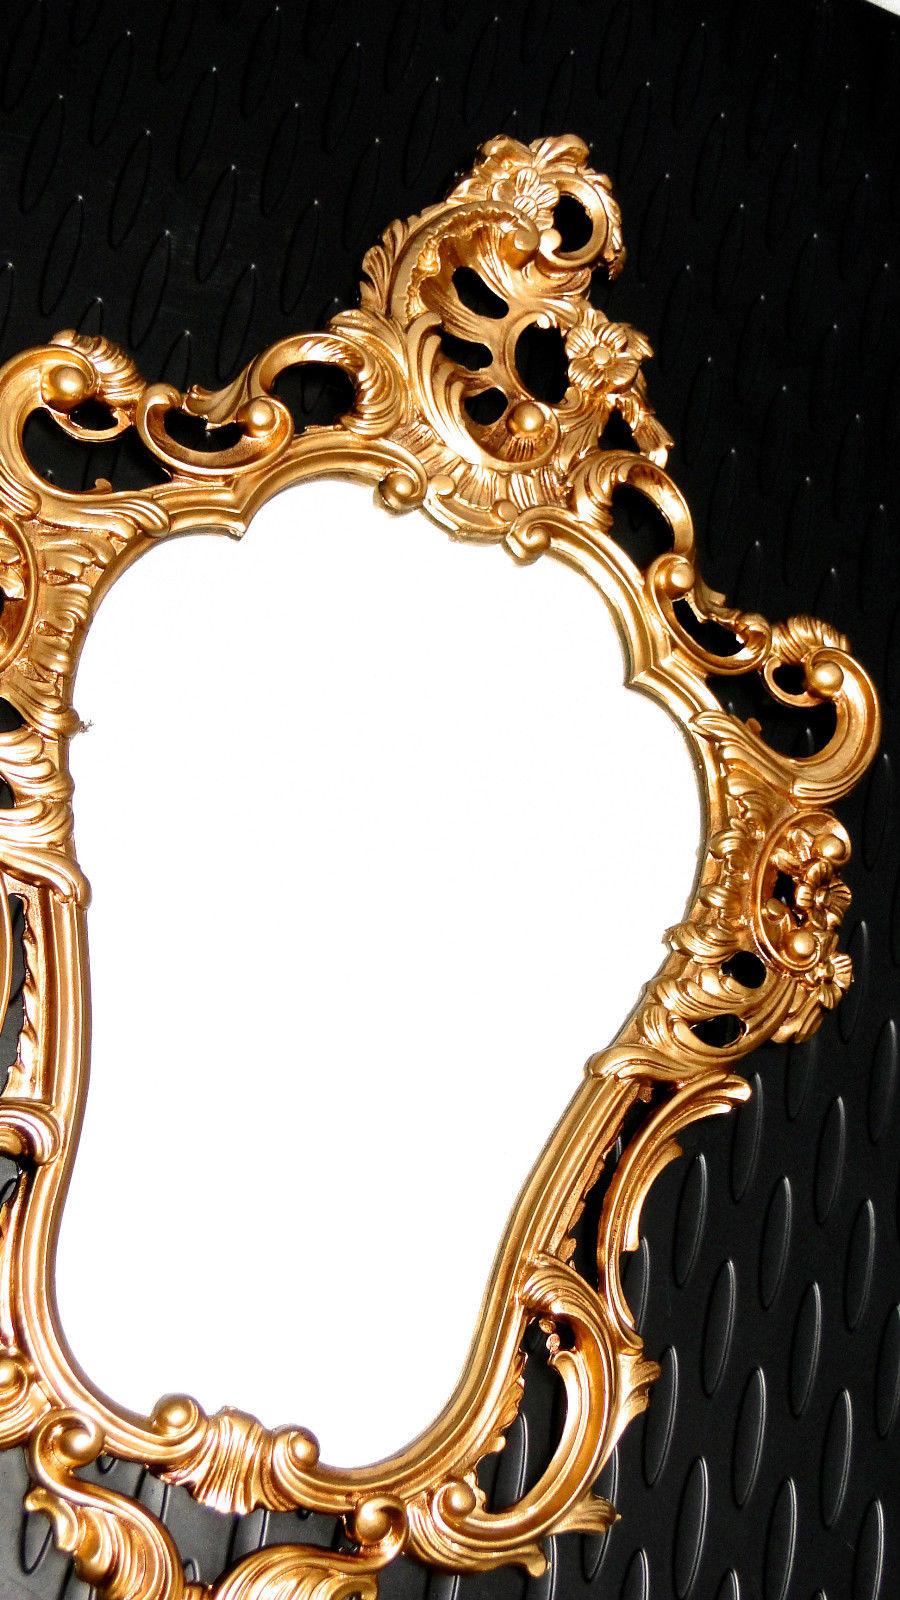 Wandspiegel gold antik spiegel in jugendstil badspiegel barock 50x76 neu kaufen bei pintici - Badspiegel 50 x 70 ...